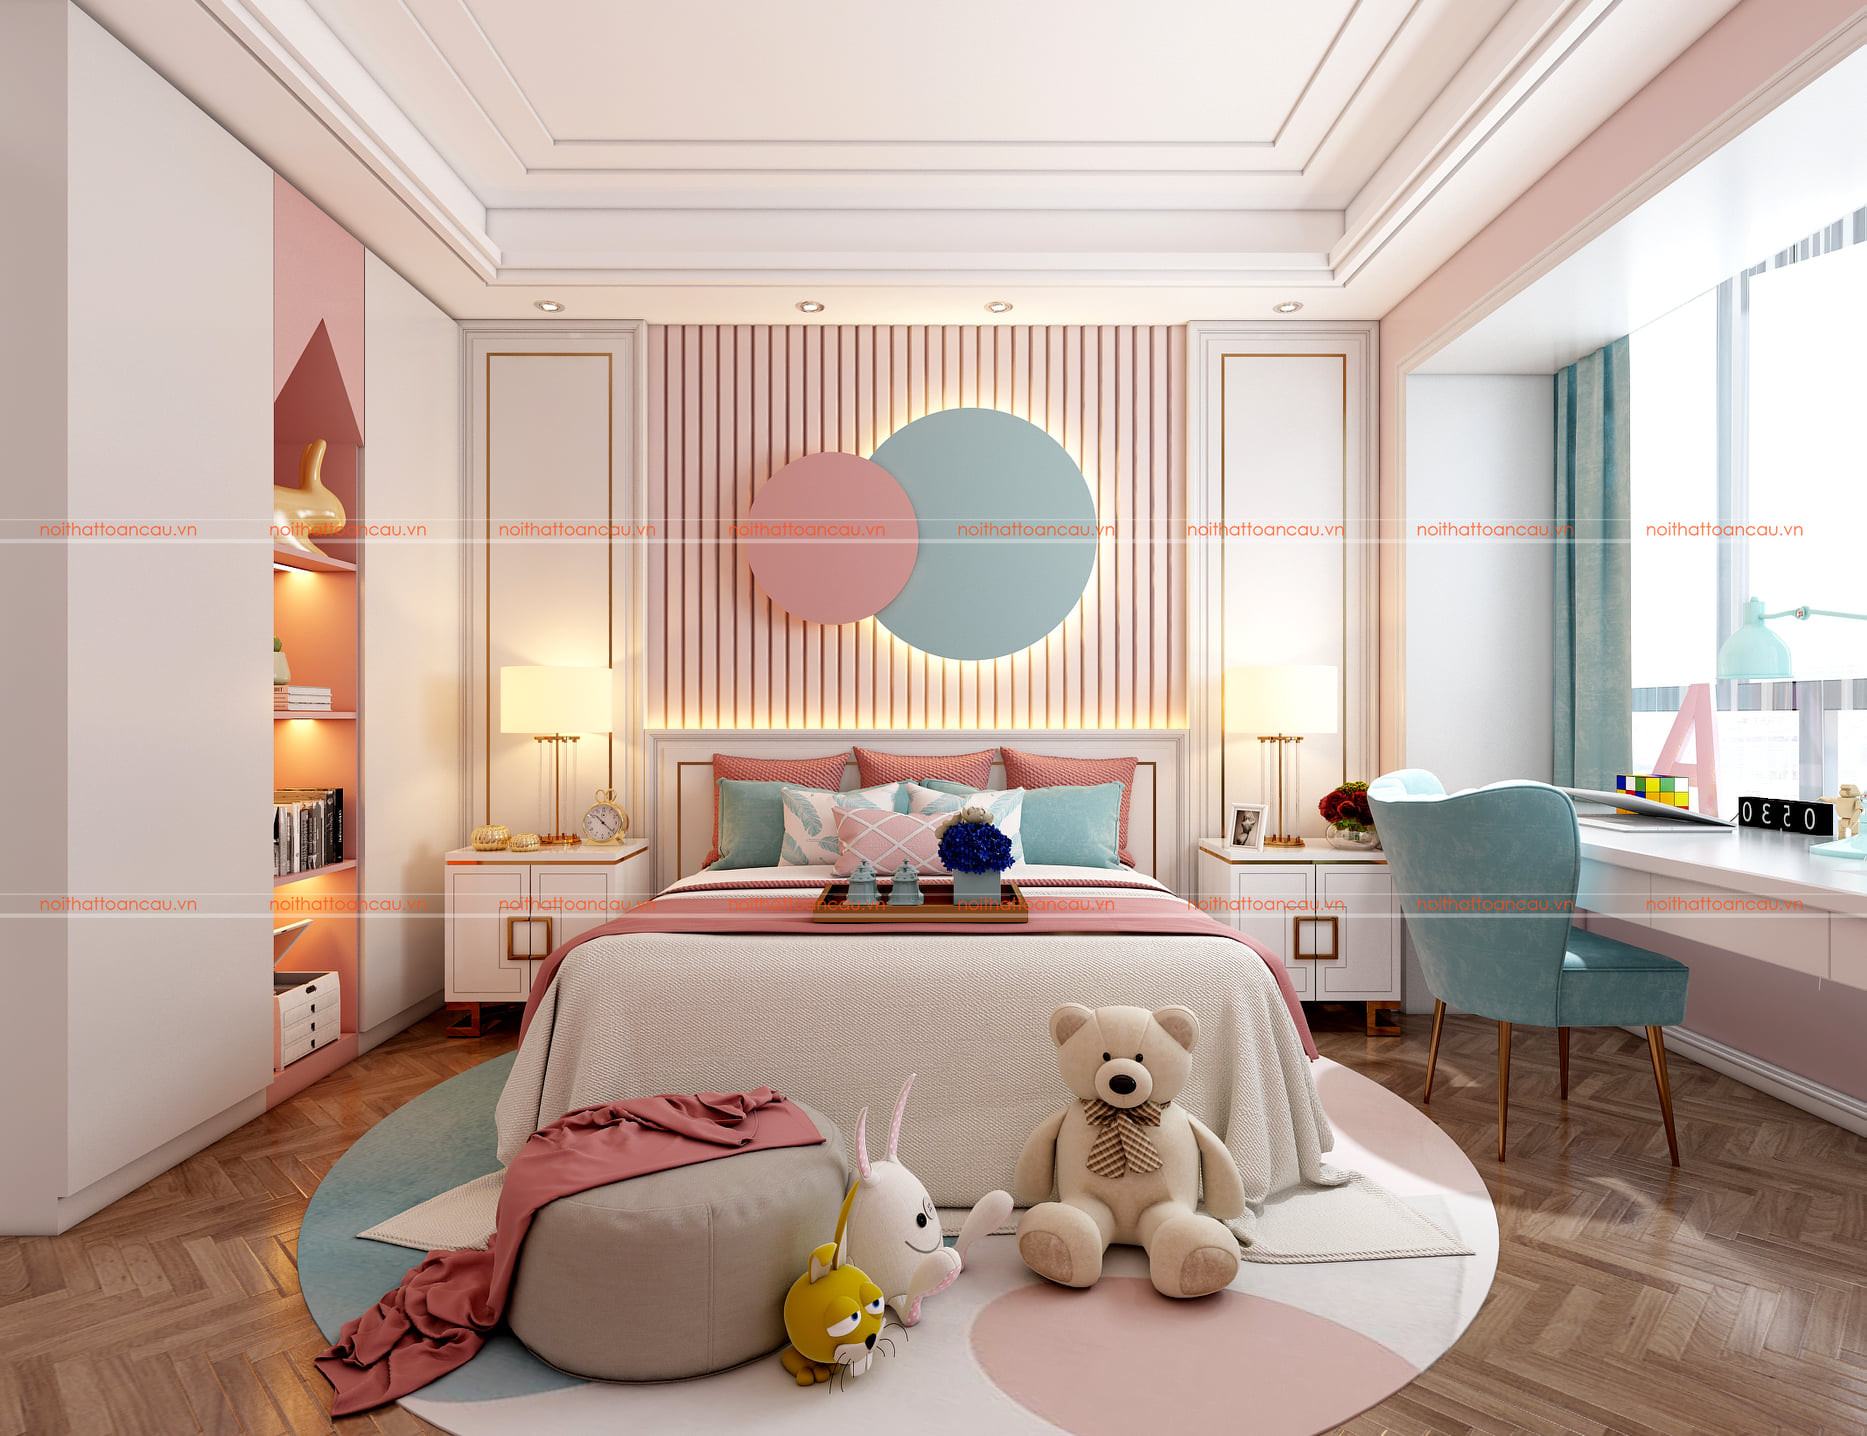 Thiết kế phòng ngủ màu hồng cho bé gái 8 tuổi